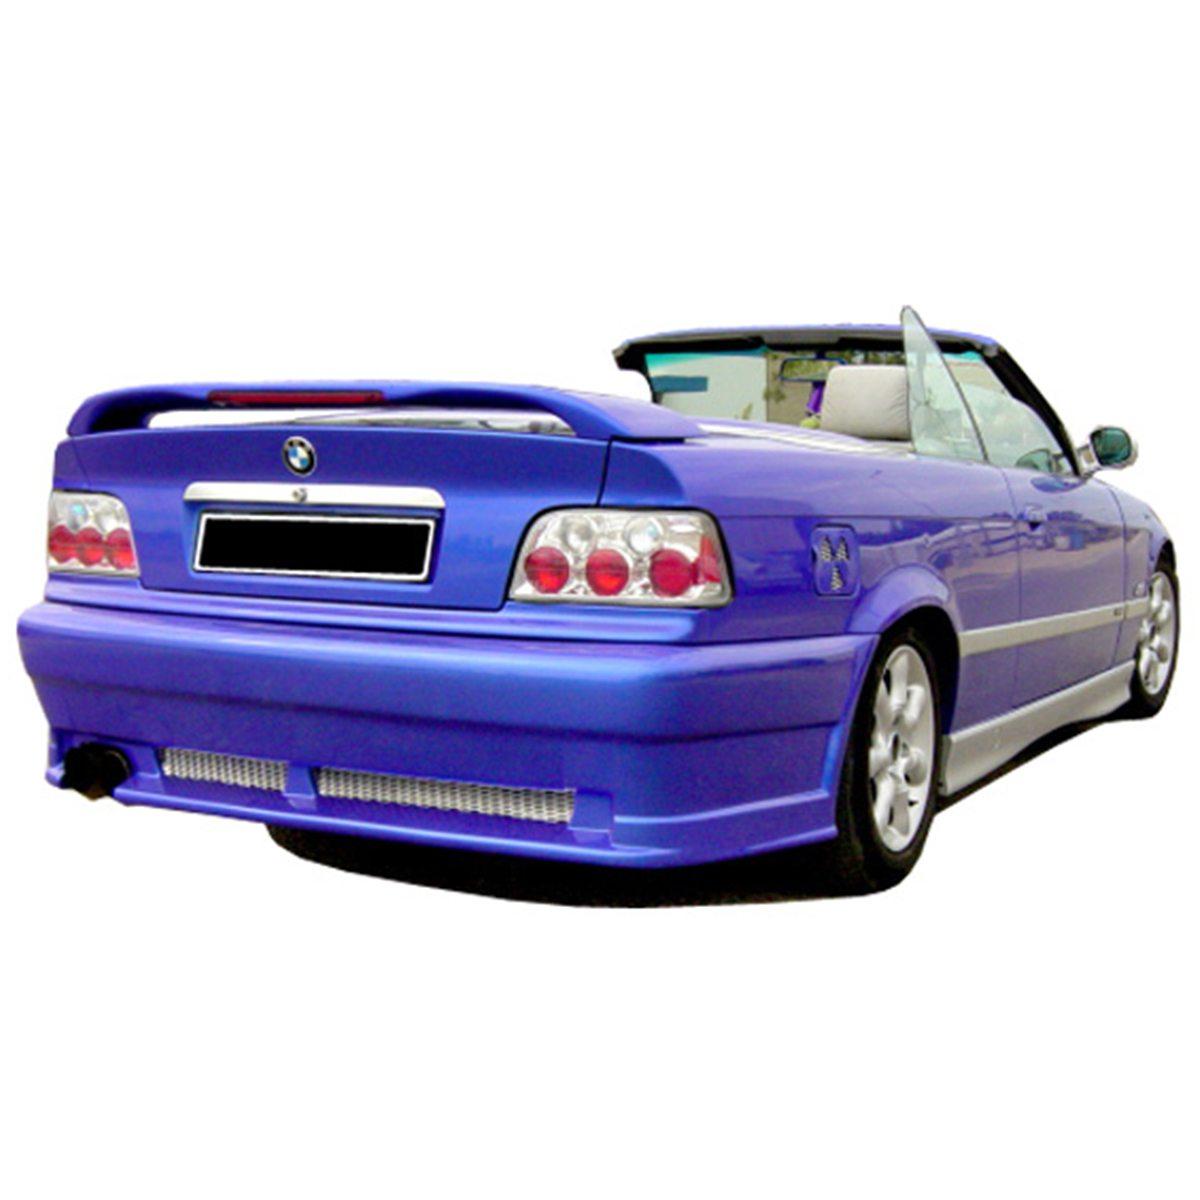 BMW-E36-Revolution-Tras-PCA186-1